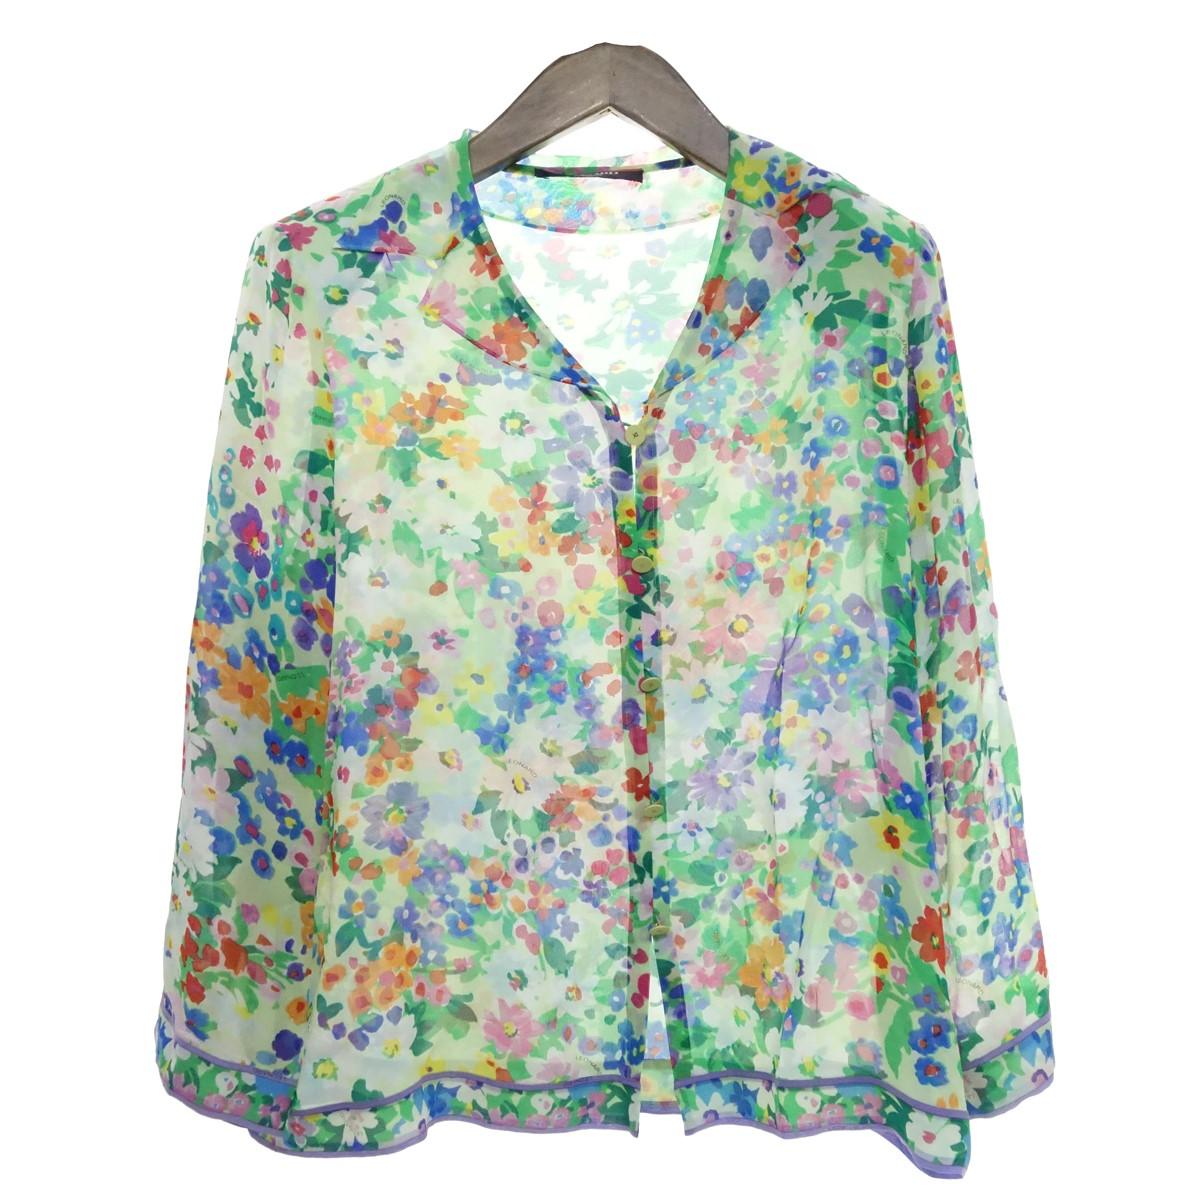 【中古】LEONARD オープンカラーシャツジャケット グリーン サイズ:13R 【010520】(レオナール)